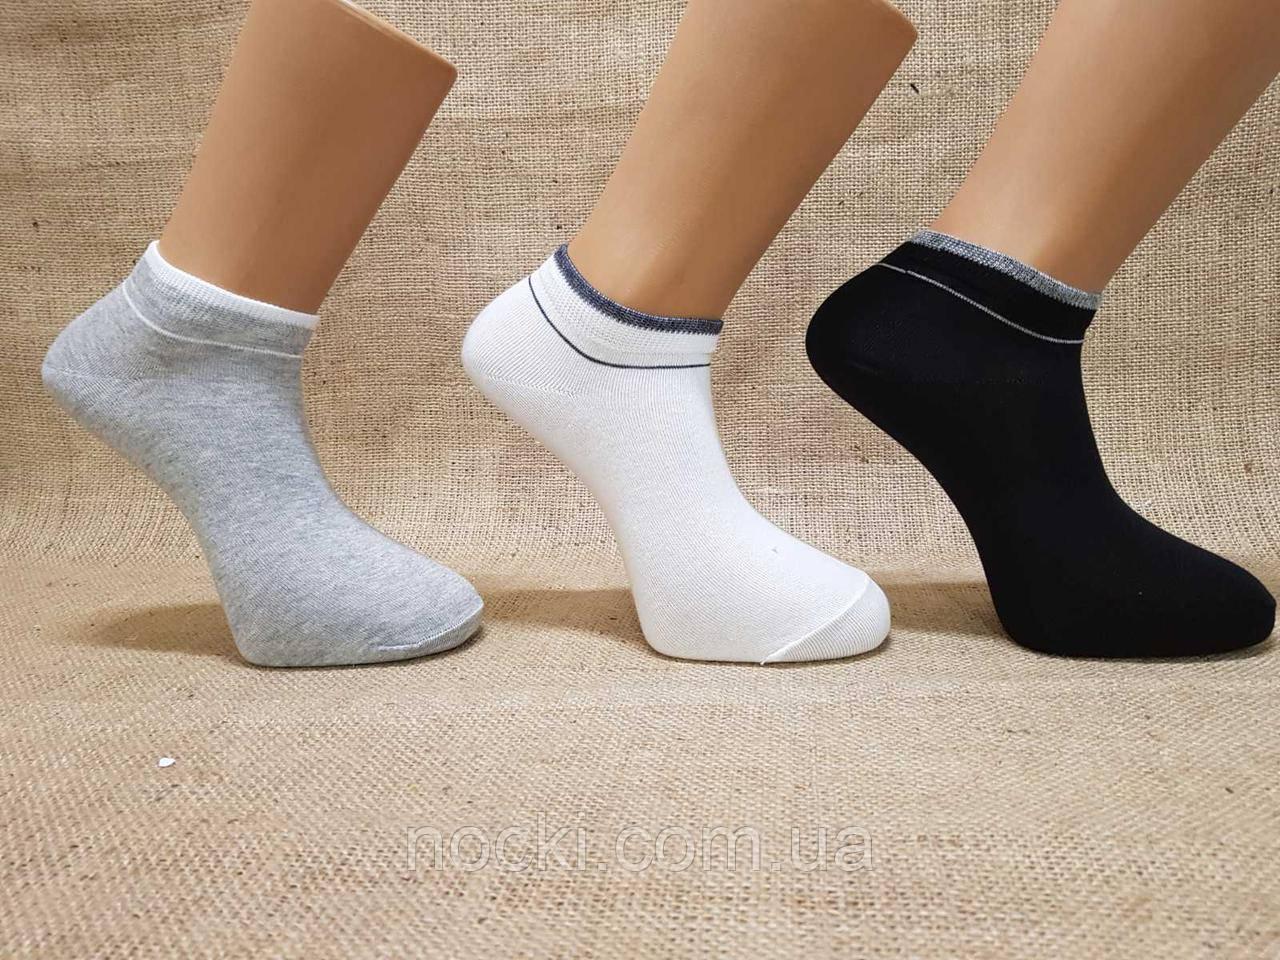 Чоловічі шкарпетки короткі з бавовни Paul Mark ф17 40-45 асорті гладкі з смужечкою